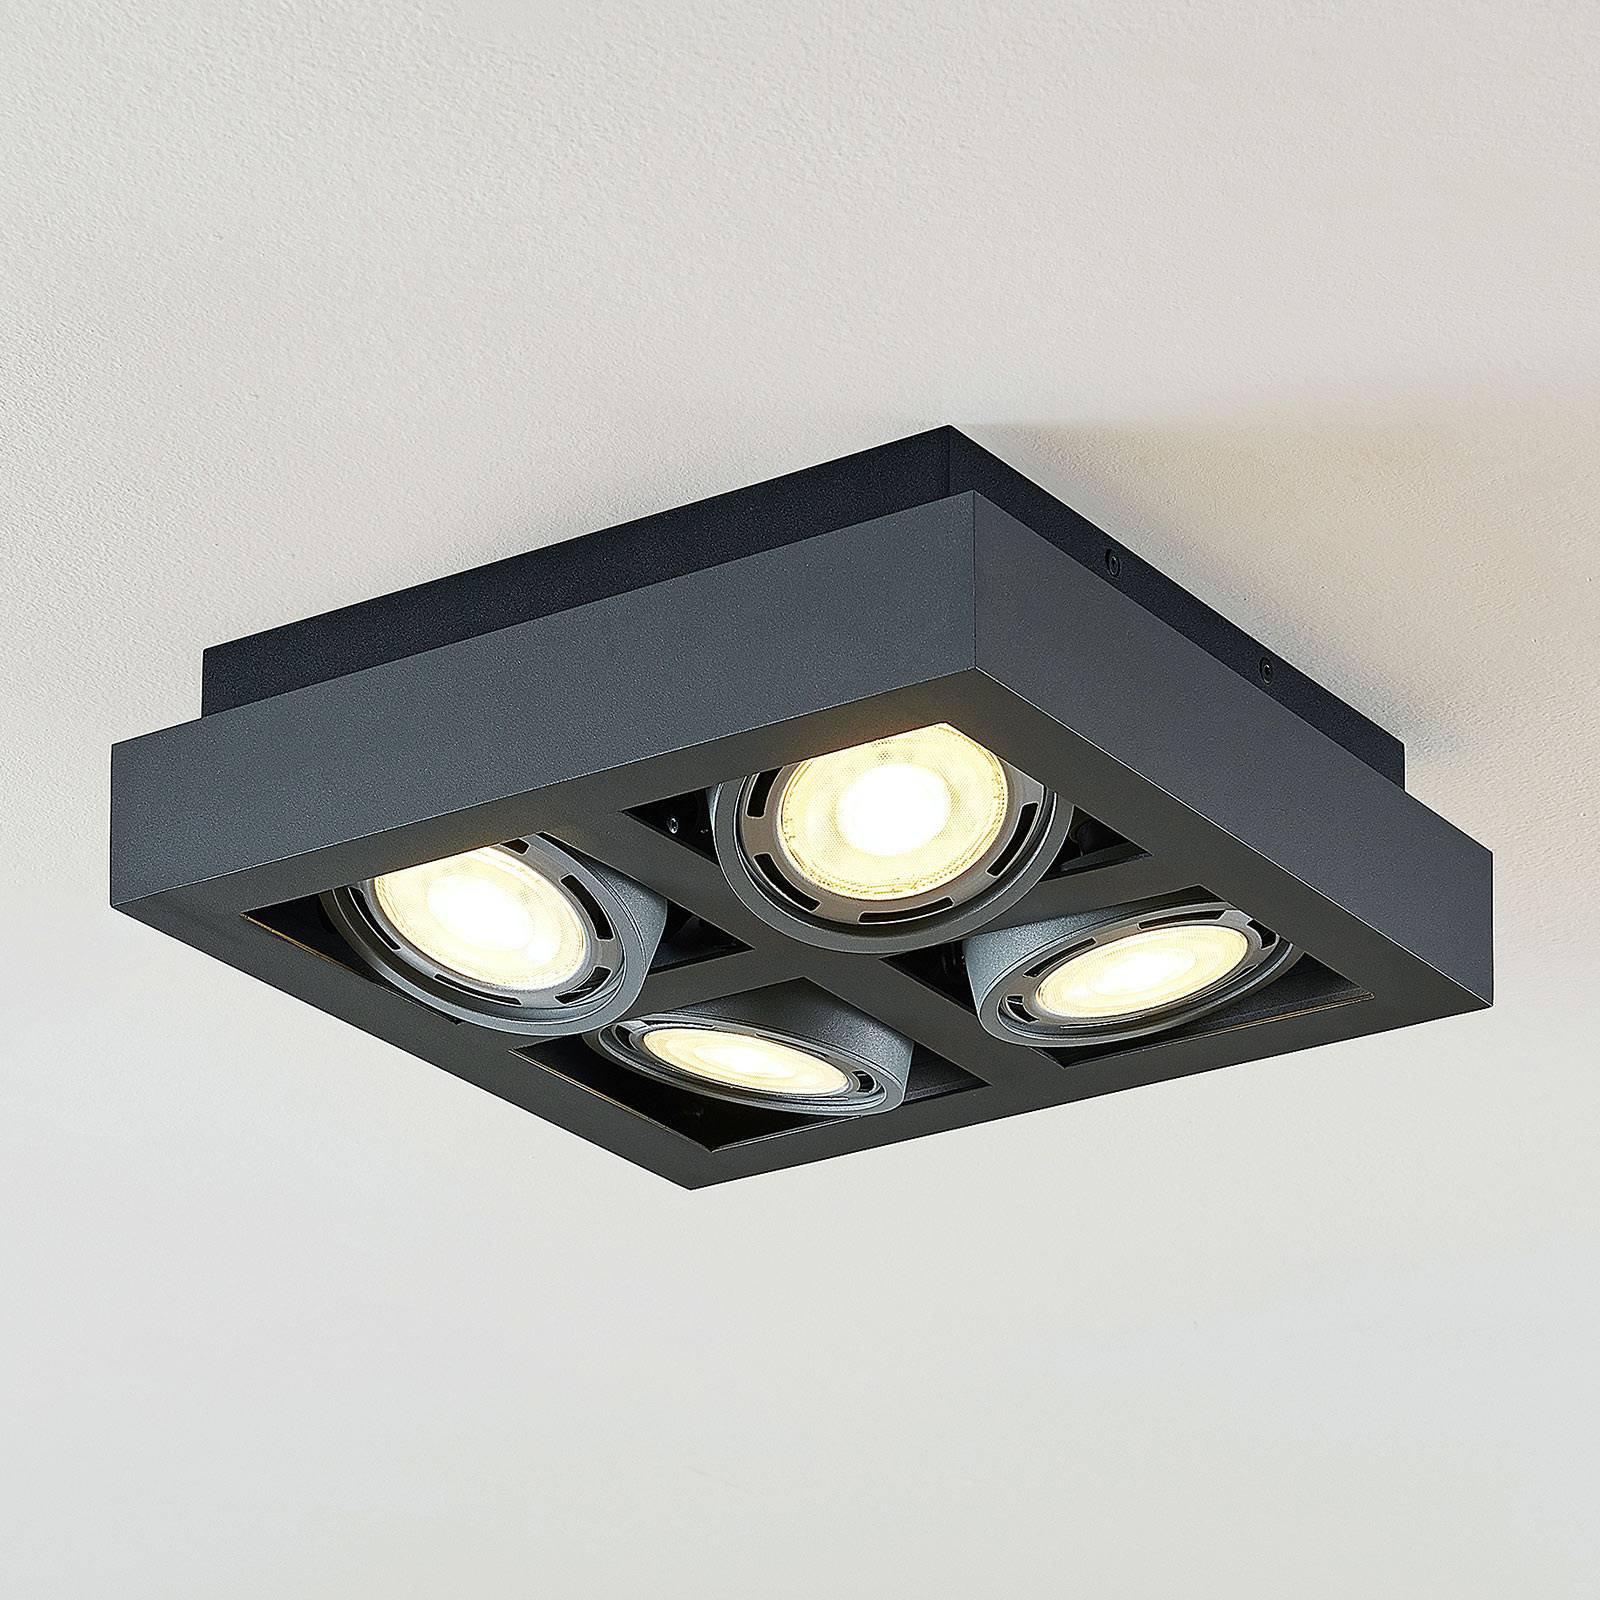 LED-takspot Ronka, 4 lyskilder, kvadratisk, grå